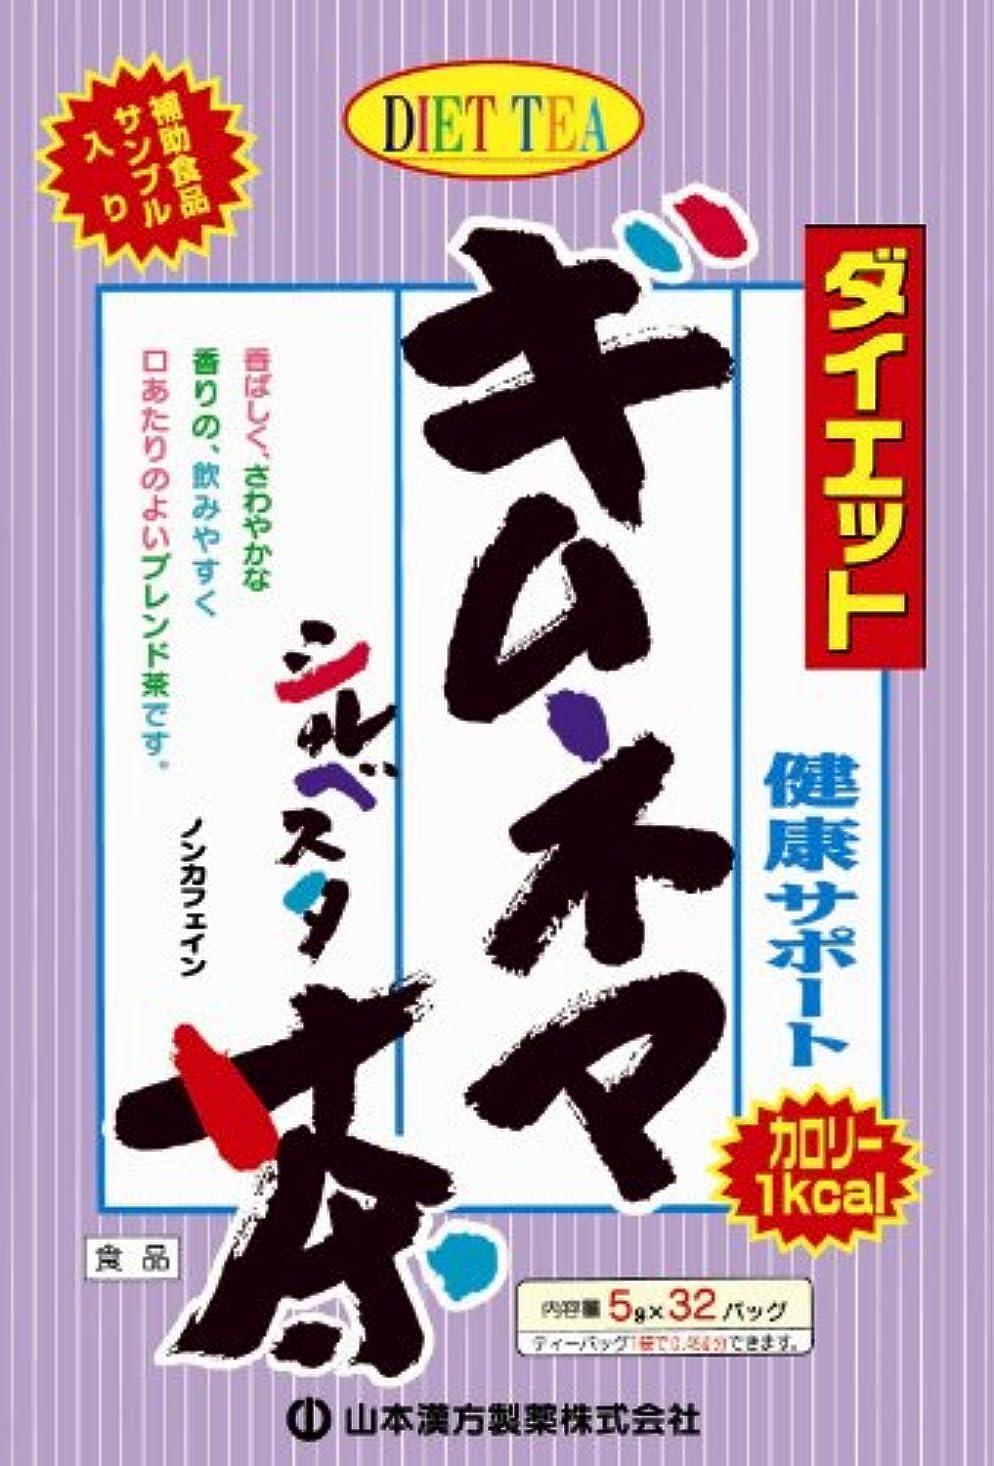 比較シンク正当化する山本漢方製薬 ダイエットギムネマシルベスタ茶680 5gX32H